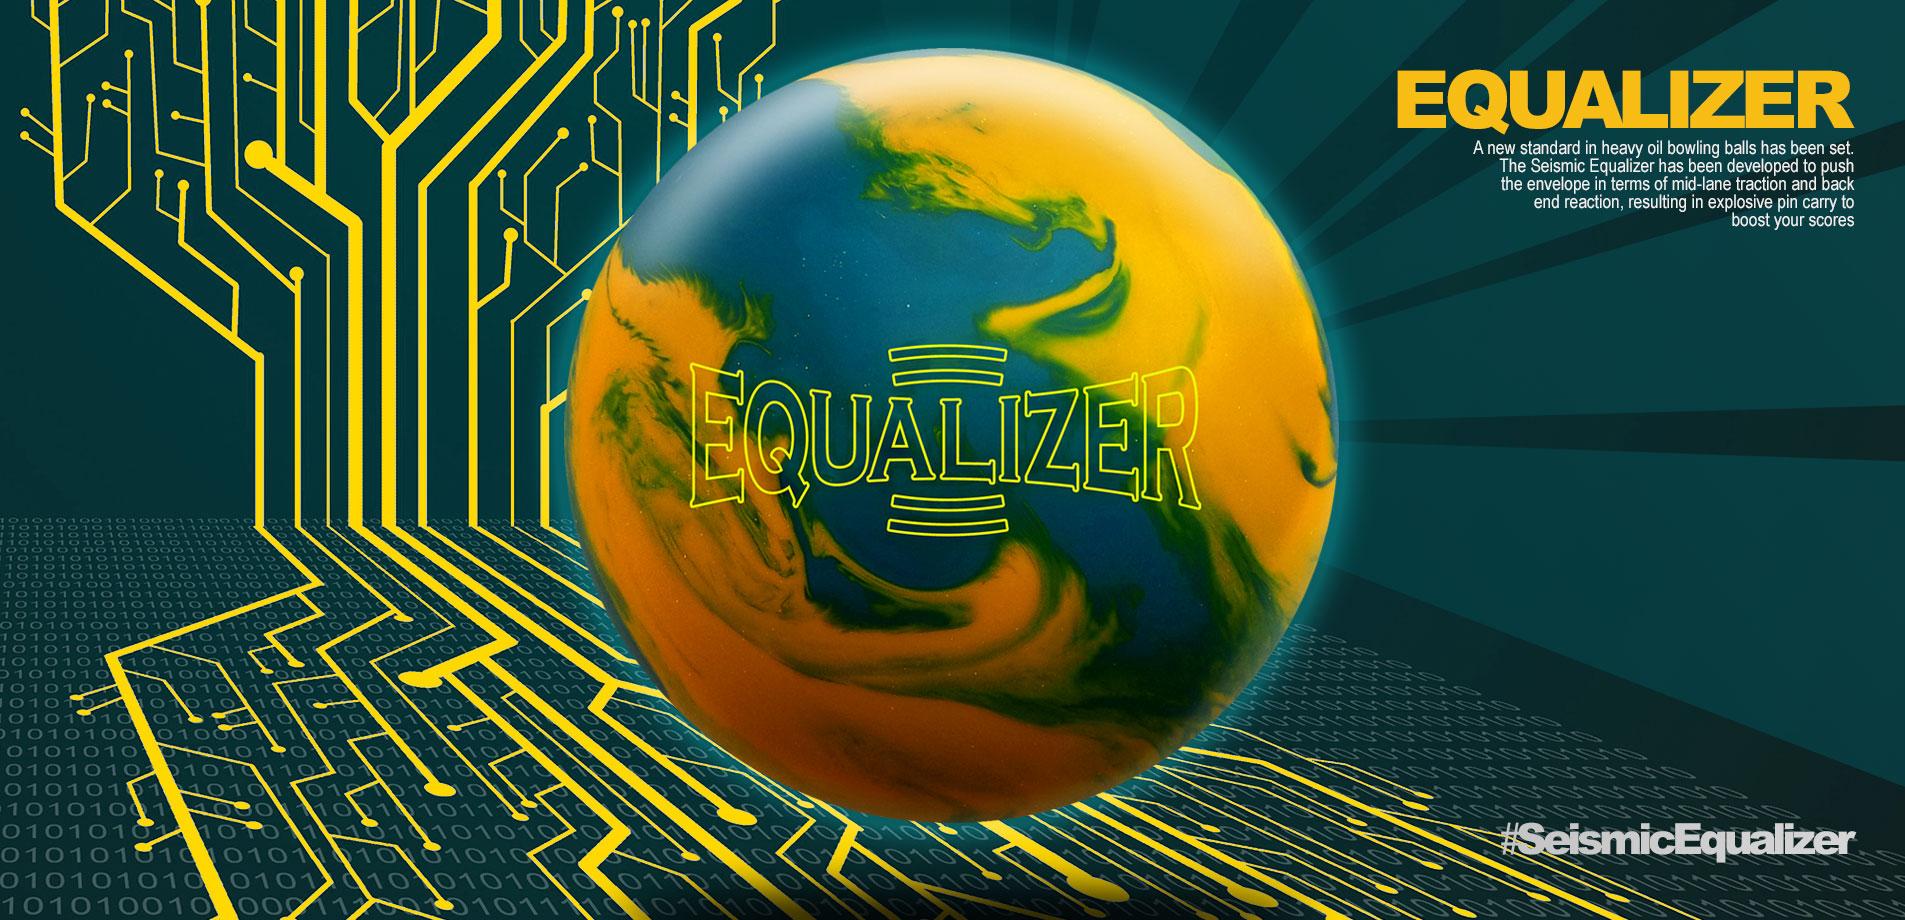 seismic equalizer